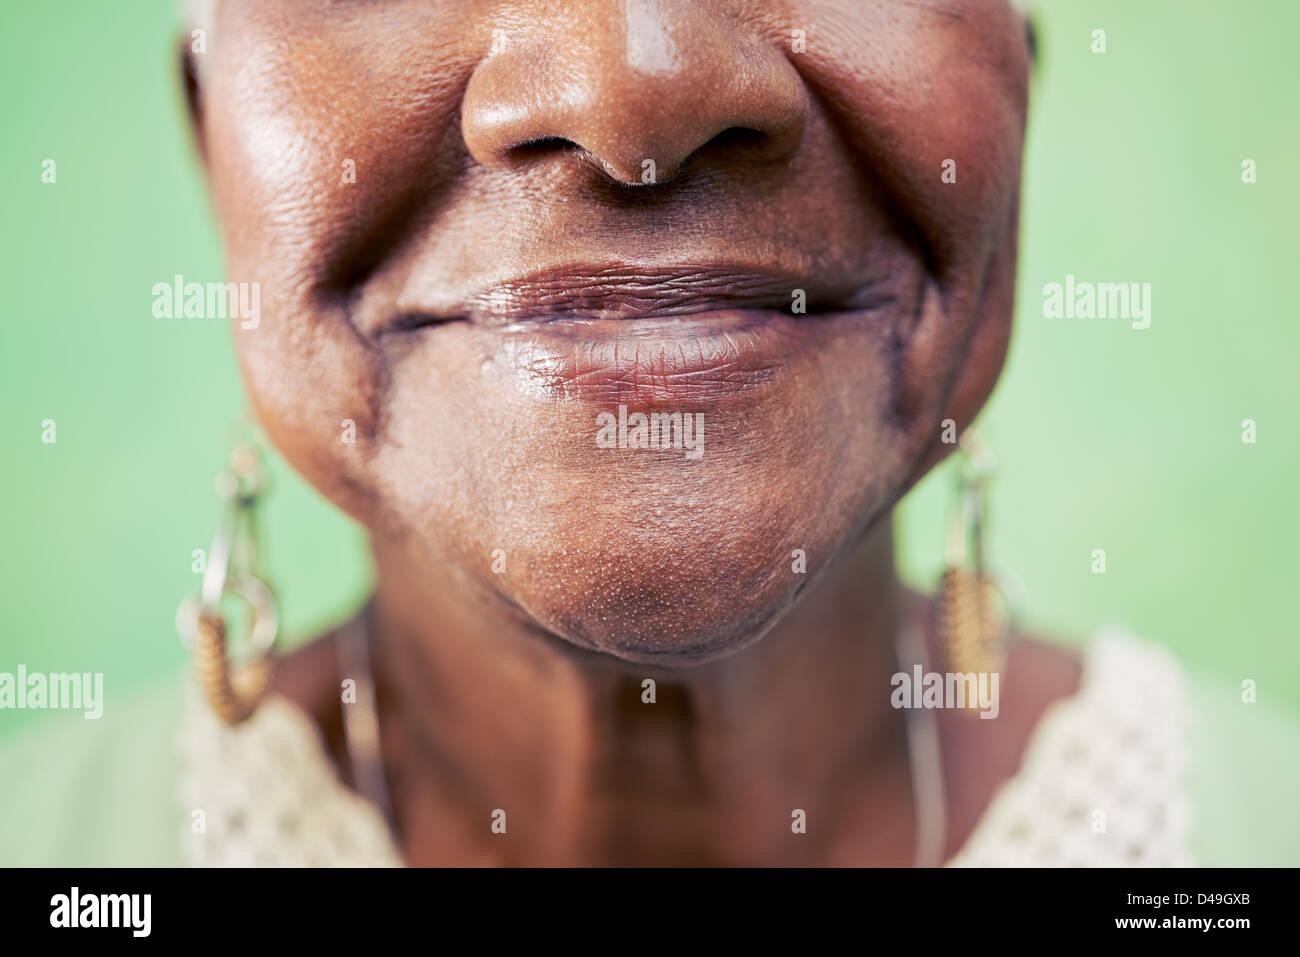 Viejo retrato de mujer negra, cerca de los ojos y de la cara sobre fondo verde. Espacio de copia Foto de stock